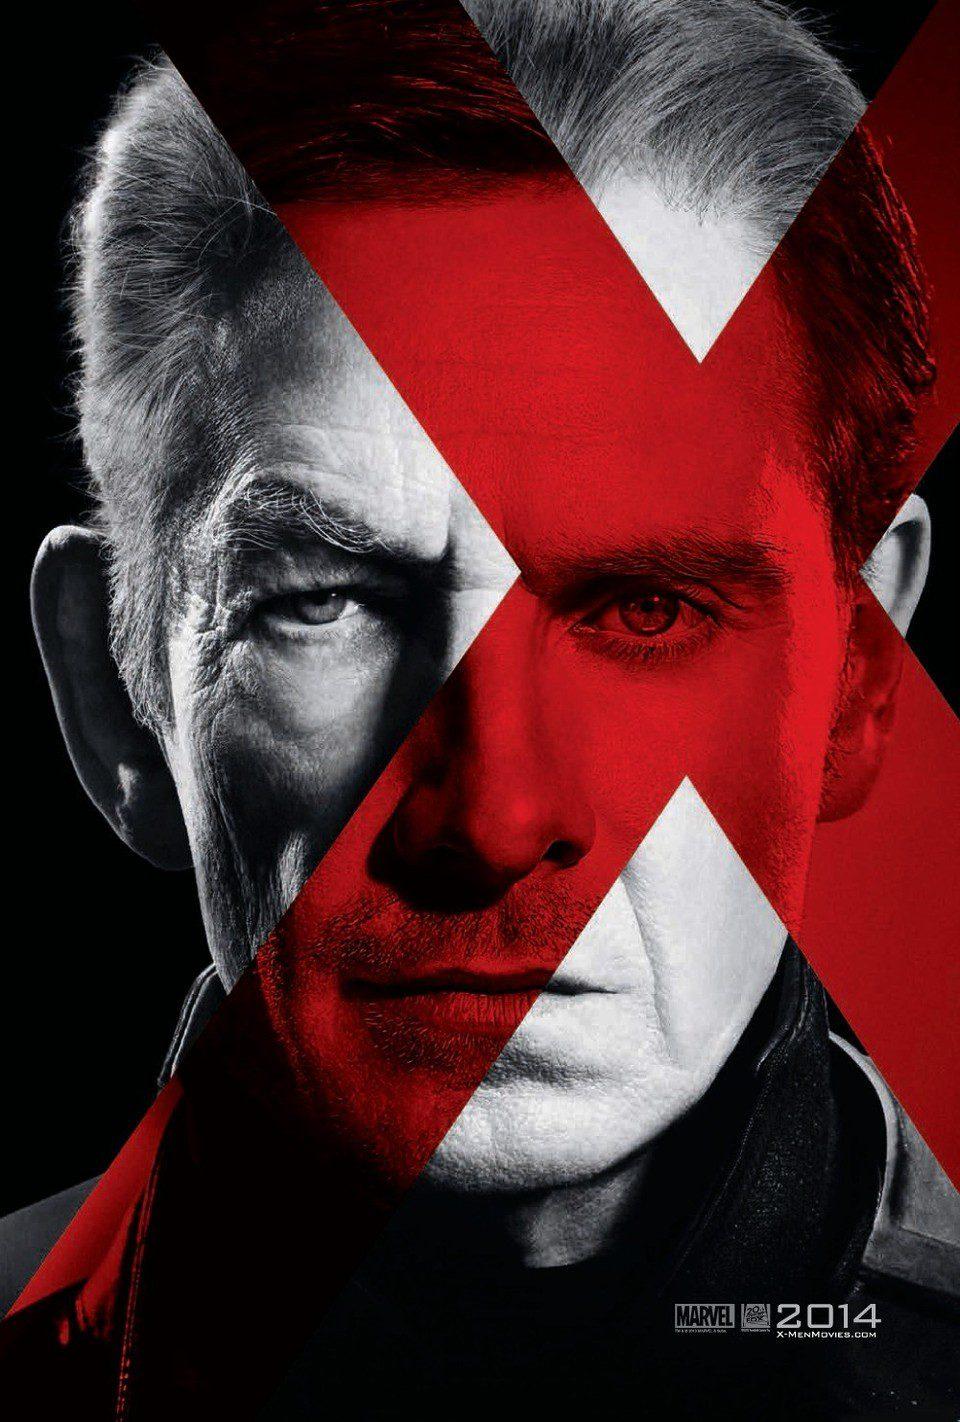 Cartel Magneto de 'X-Men: Días del futuro pasado'